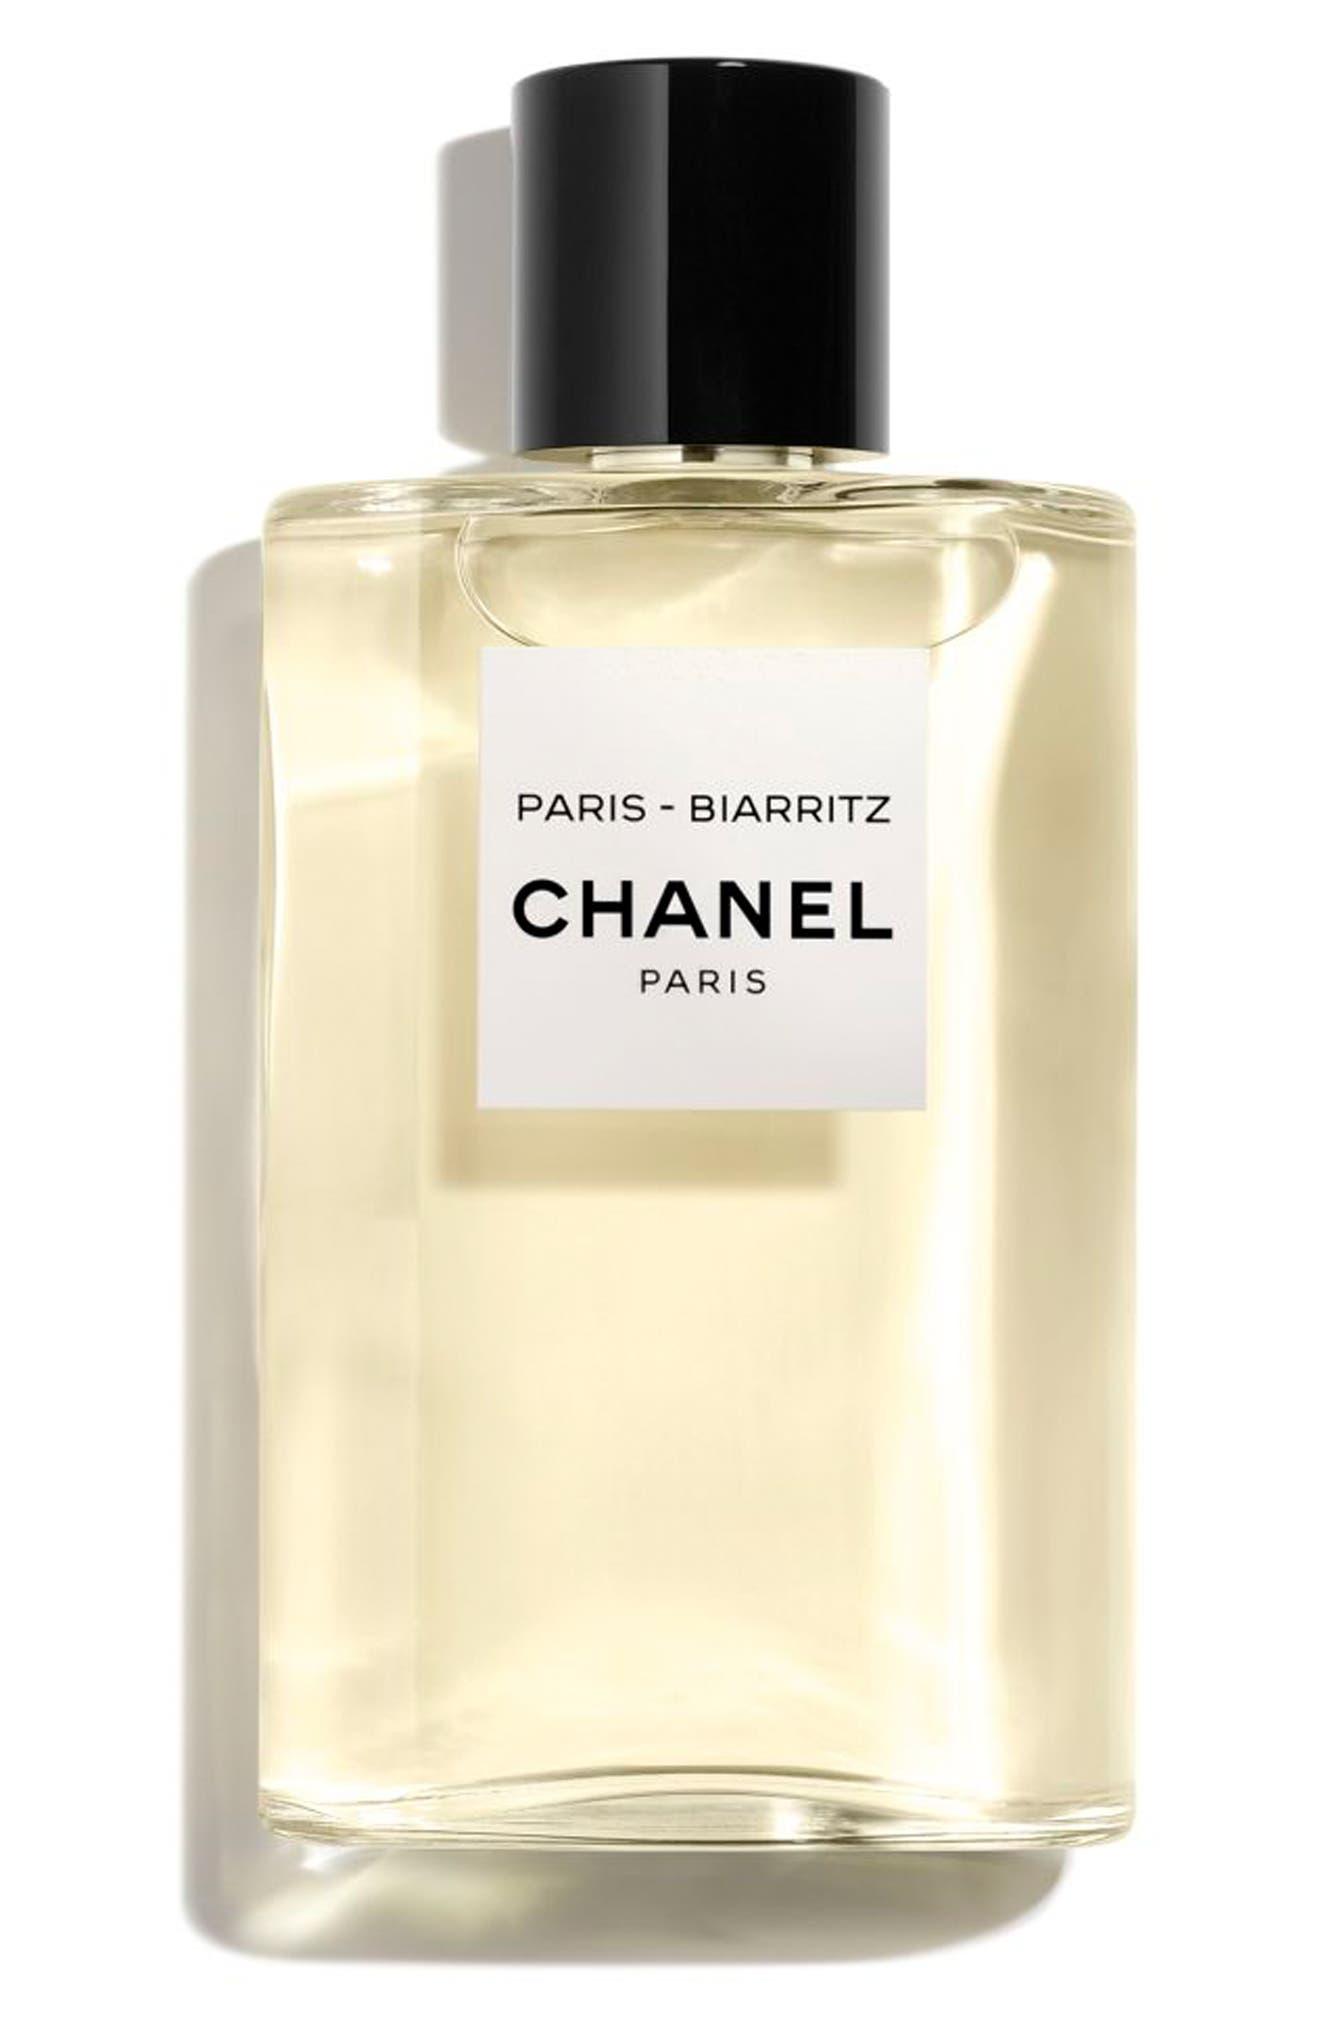 LES EAUX DE CHANEL PARIS-BIARRITZ Eau de Toilette, Main, color, NO COLOR